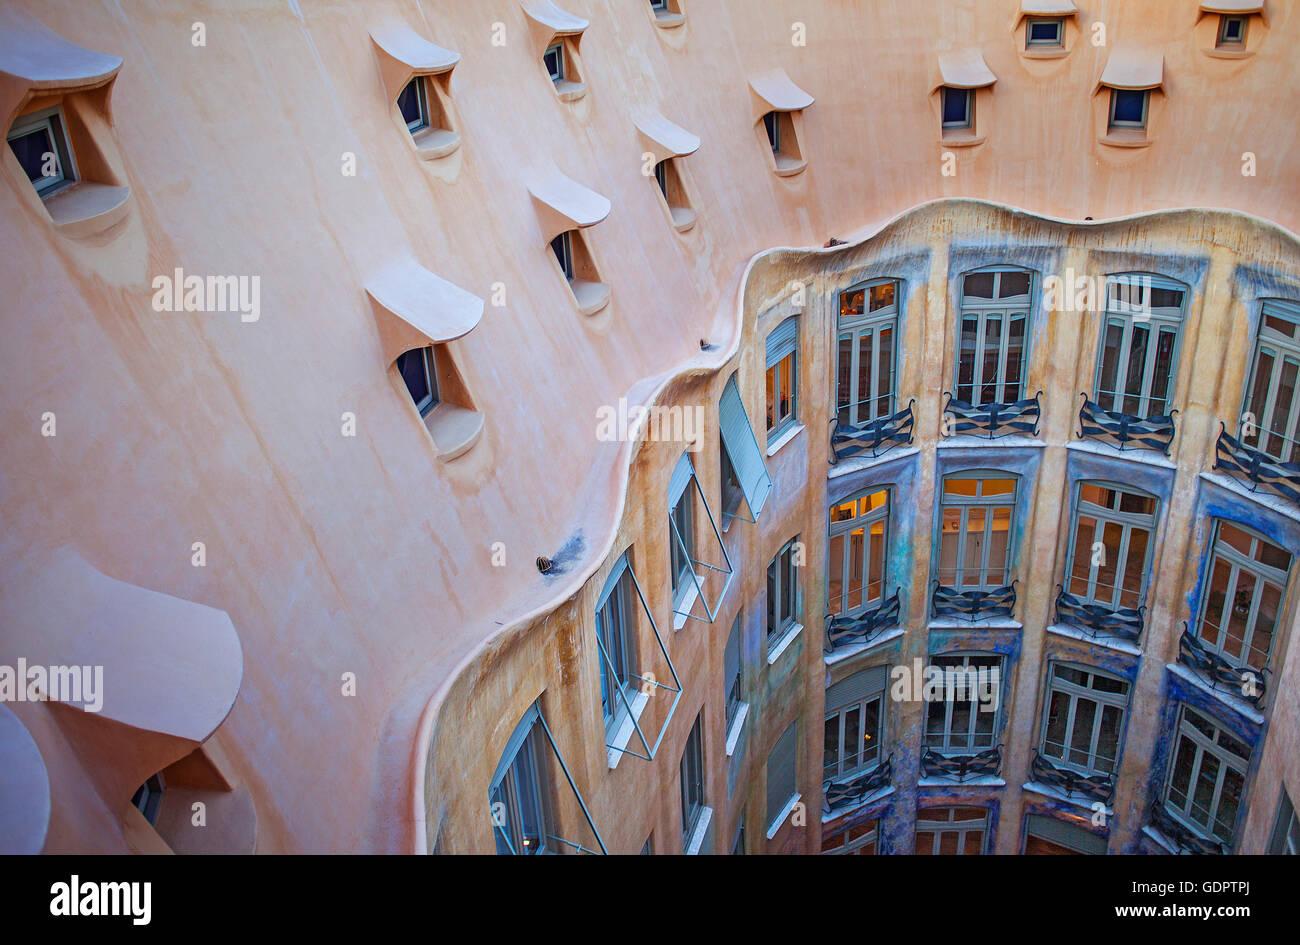 Vue sur la cour intérieure, La Pedrera, Casa Mila, Barcelone, Catalogne, Espagne Photo Stock